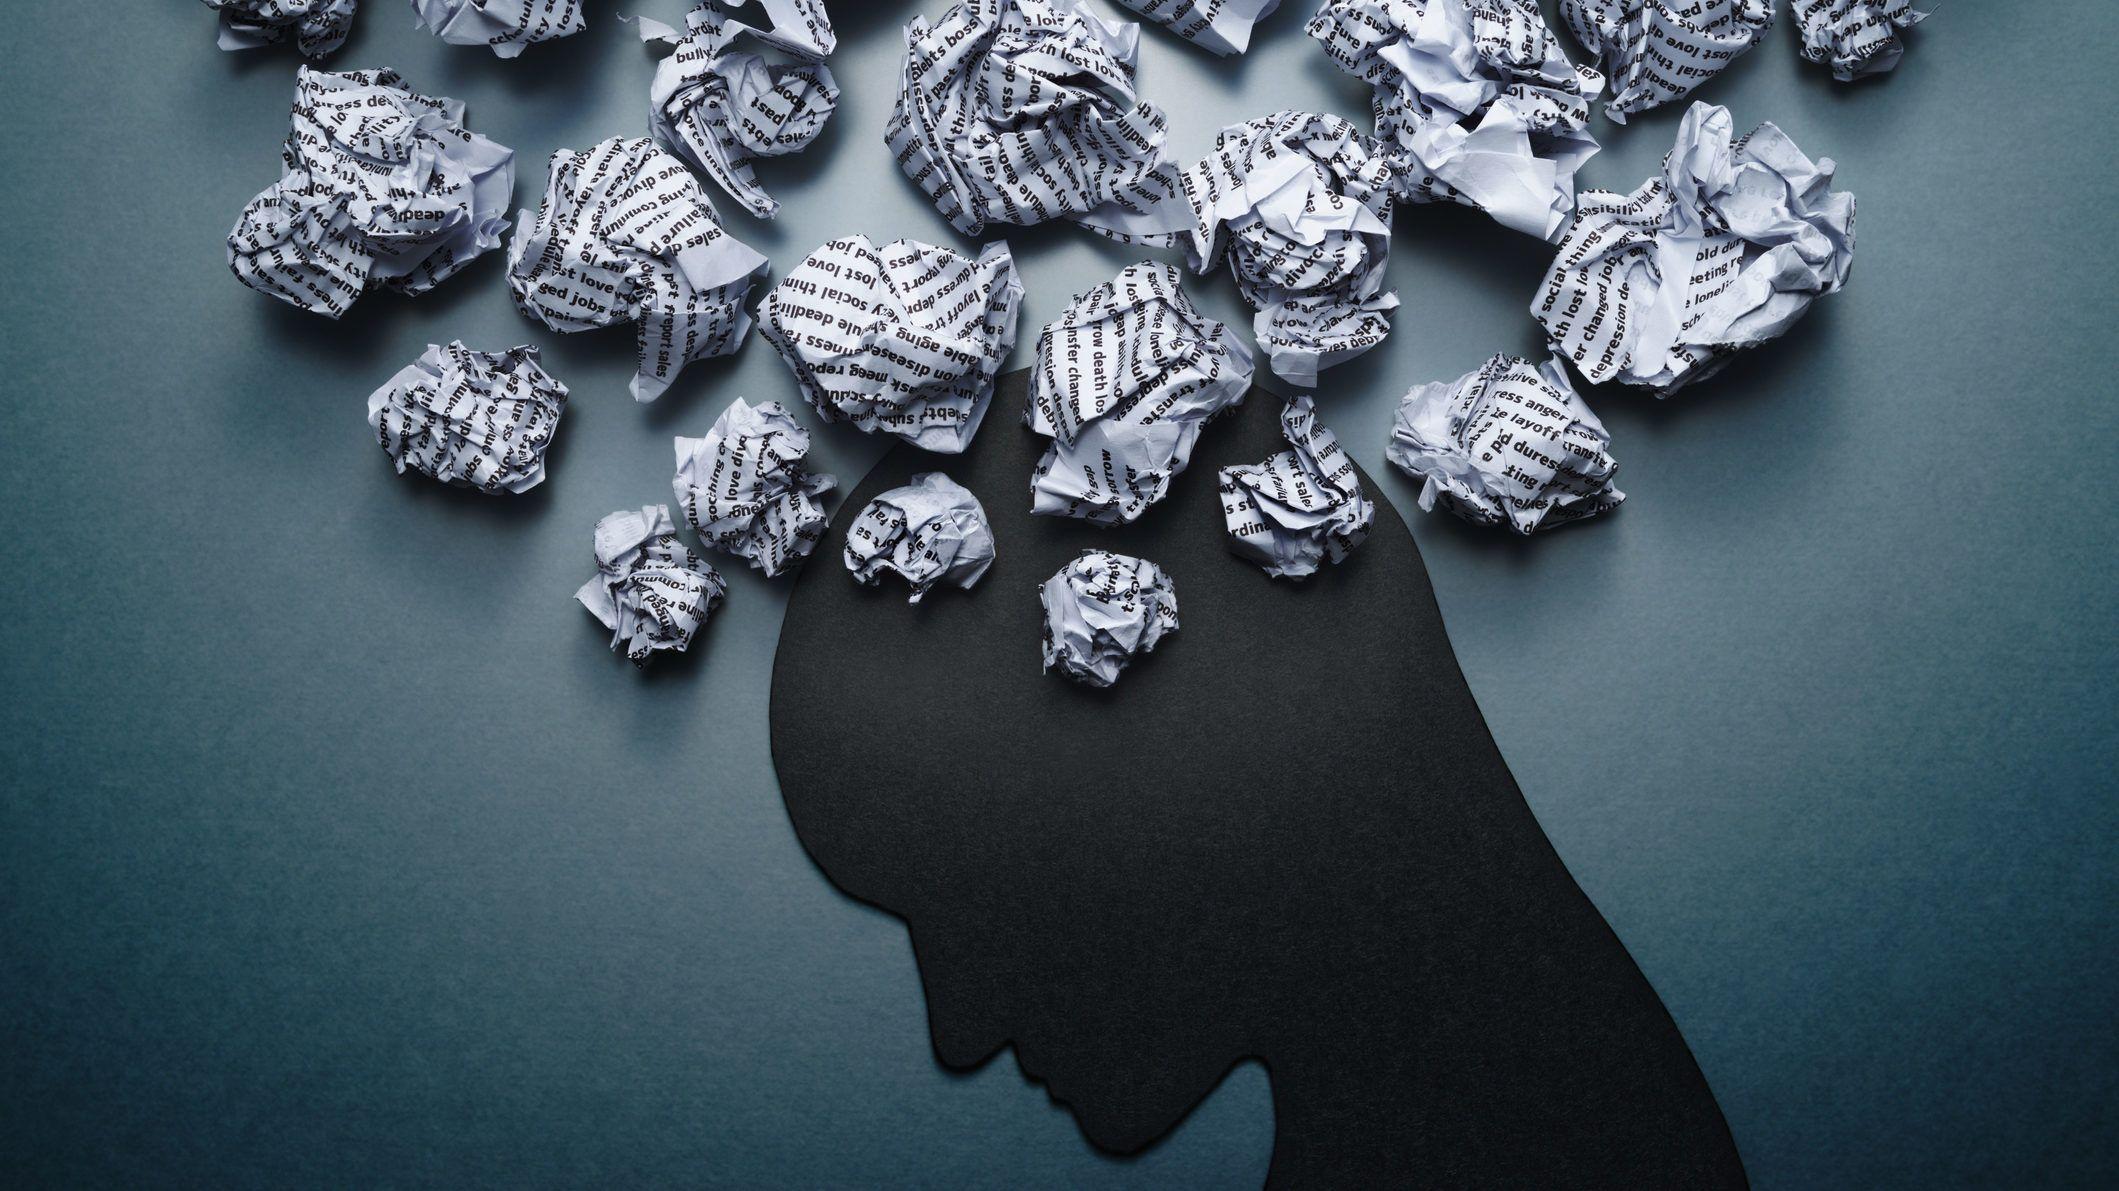 Koronavírus: minden harmadik betegnél jelentkeztek mentális vagy pszichés zavarok fél éven belül